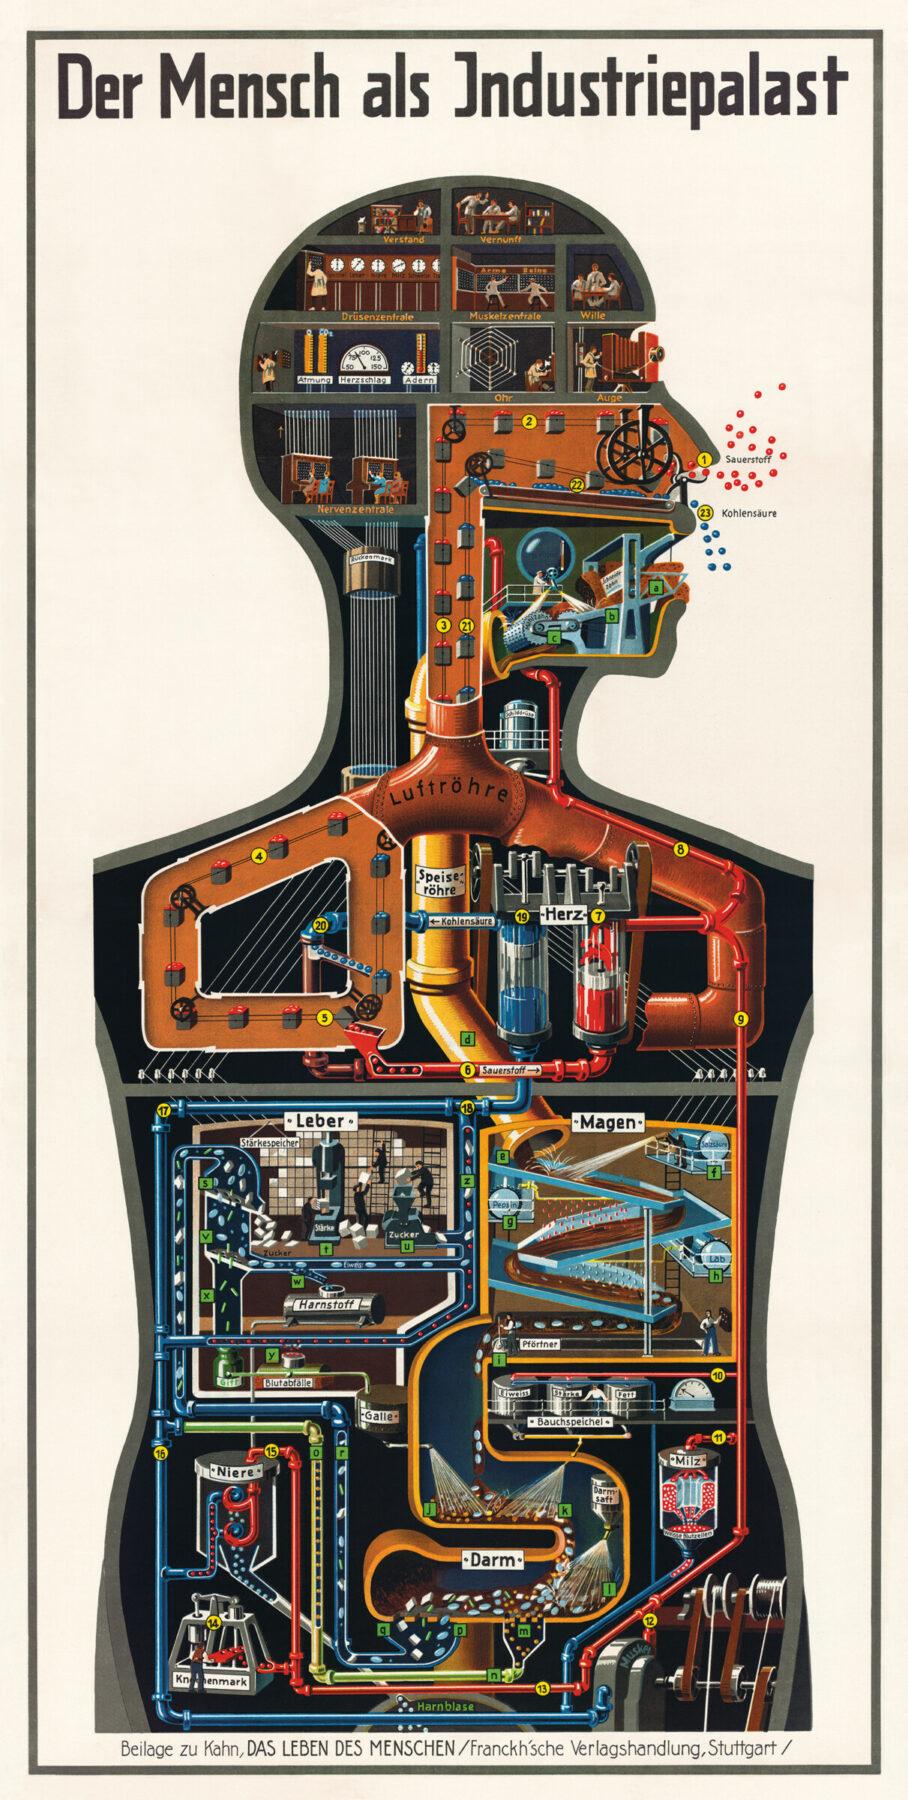 Der Mensch als Industriepalast (Man as Industrial Palace), 18.9 x 37 in.; 4-color (Stuttgart: Kosmos/Franckh'sche Verlag, 1926). Art: Fritz Schüler. Image courtesy of Thilo von Debschitz.